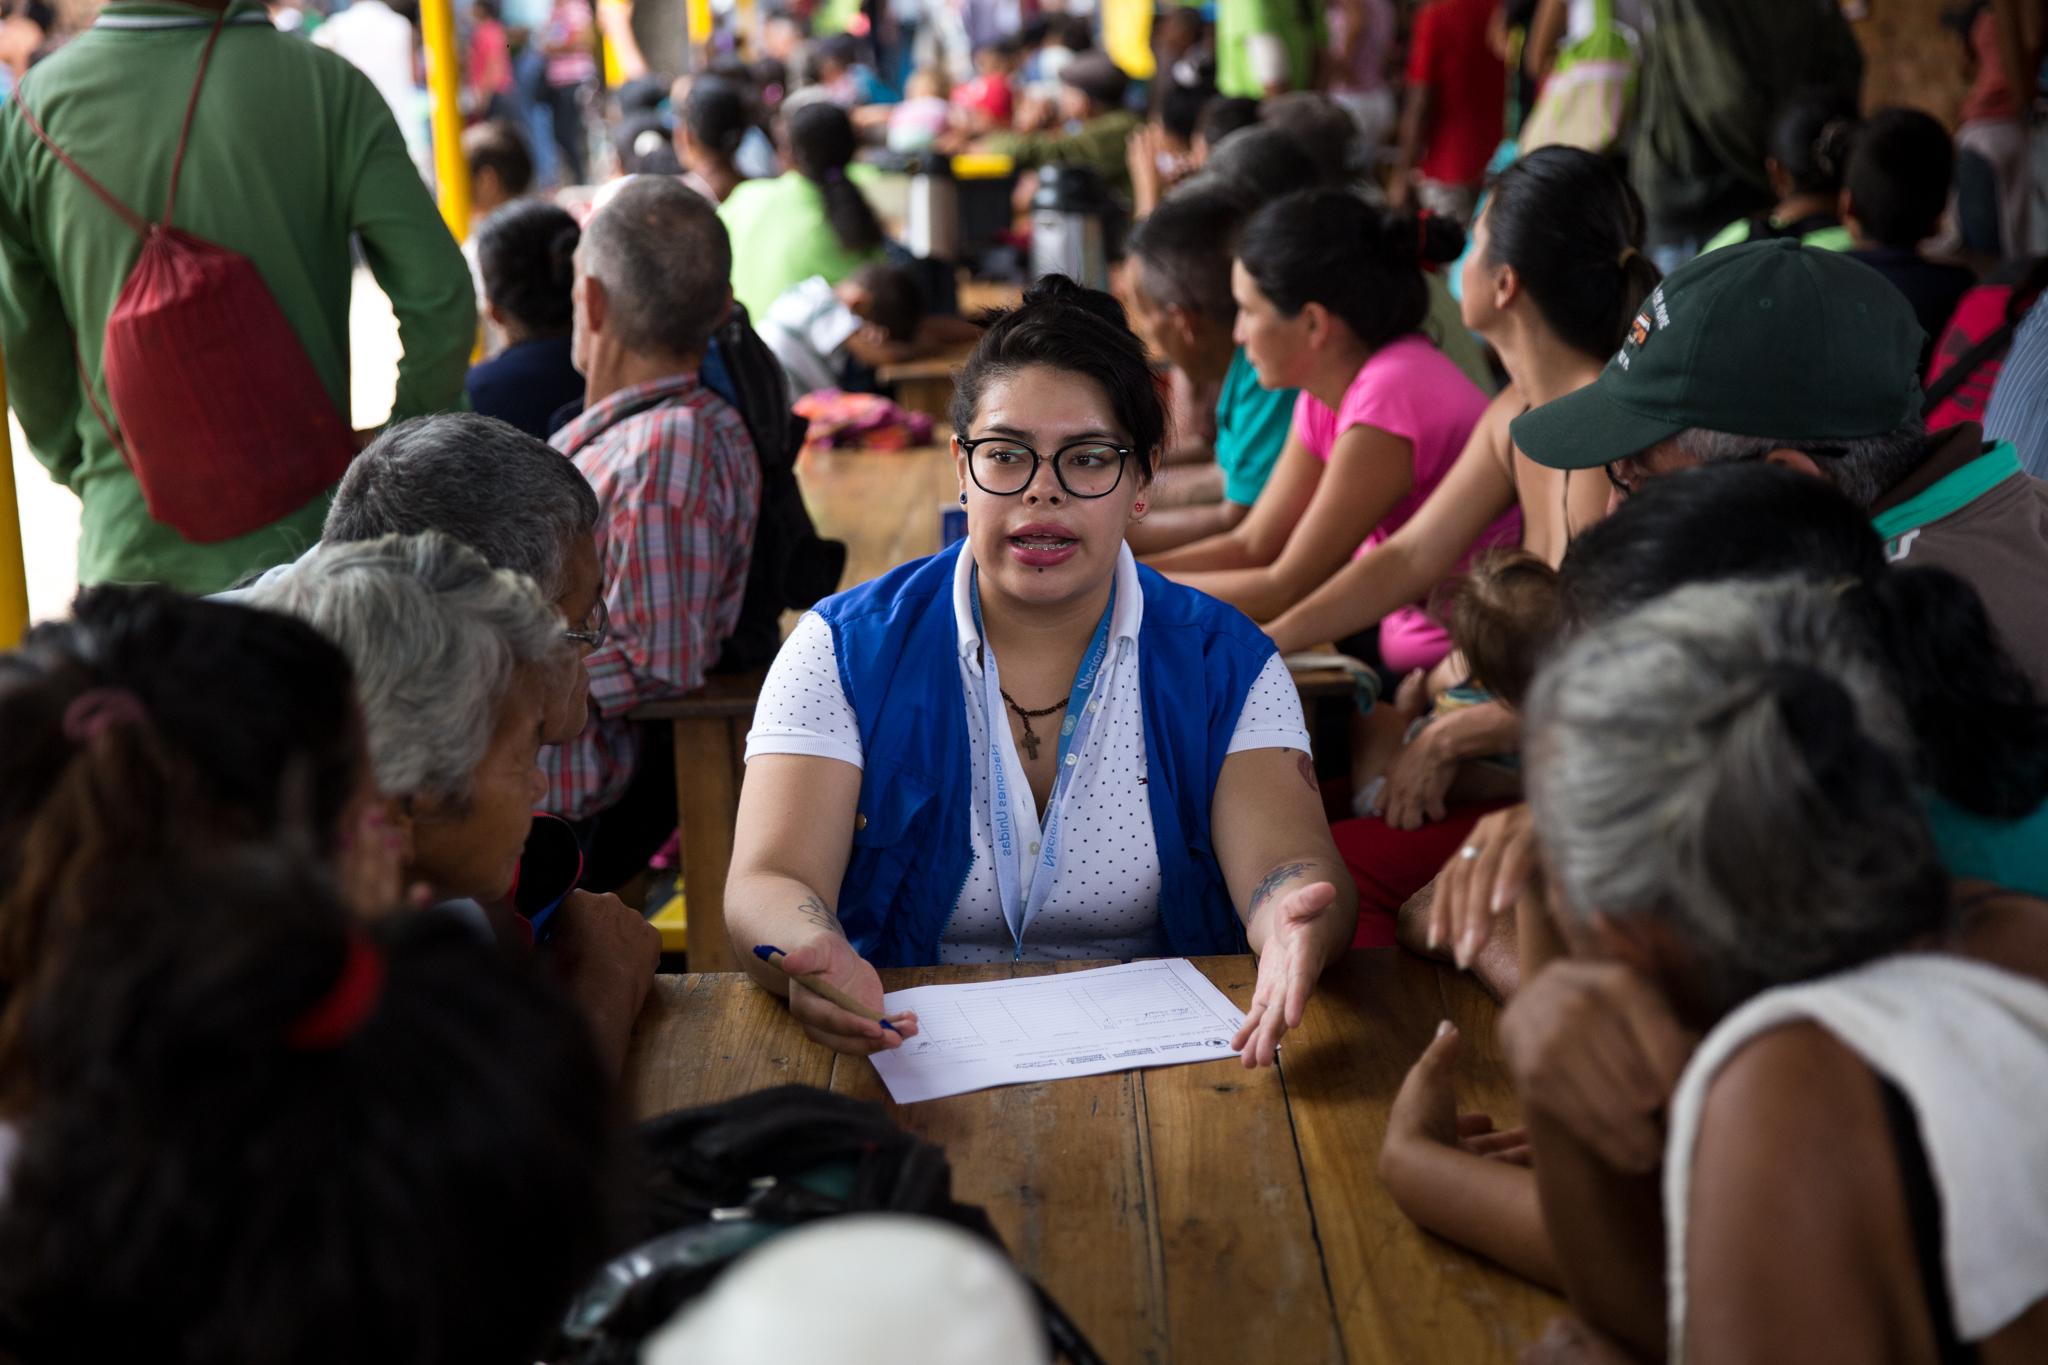 2018-04-04_Cucuta_Venezuela_Aid_WFP_Pu.Ying.Huang274.jpg